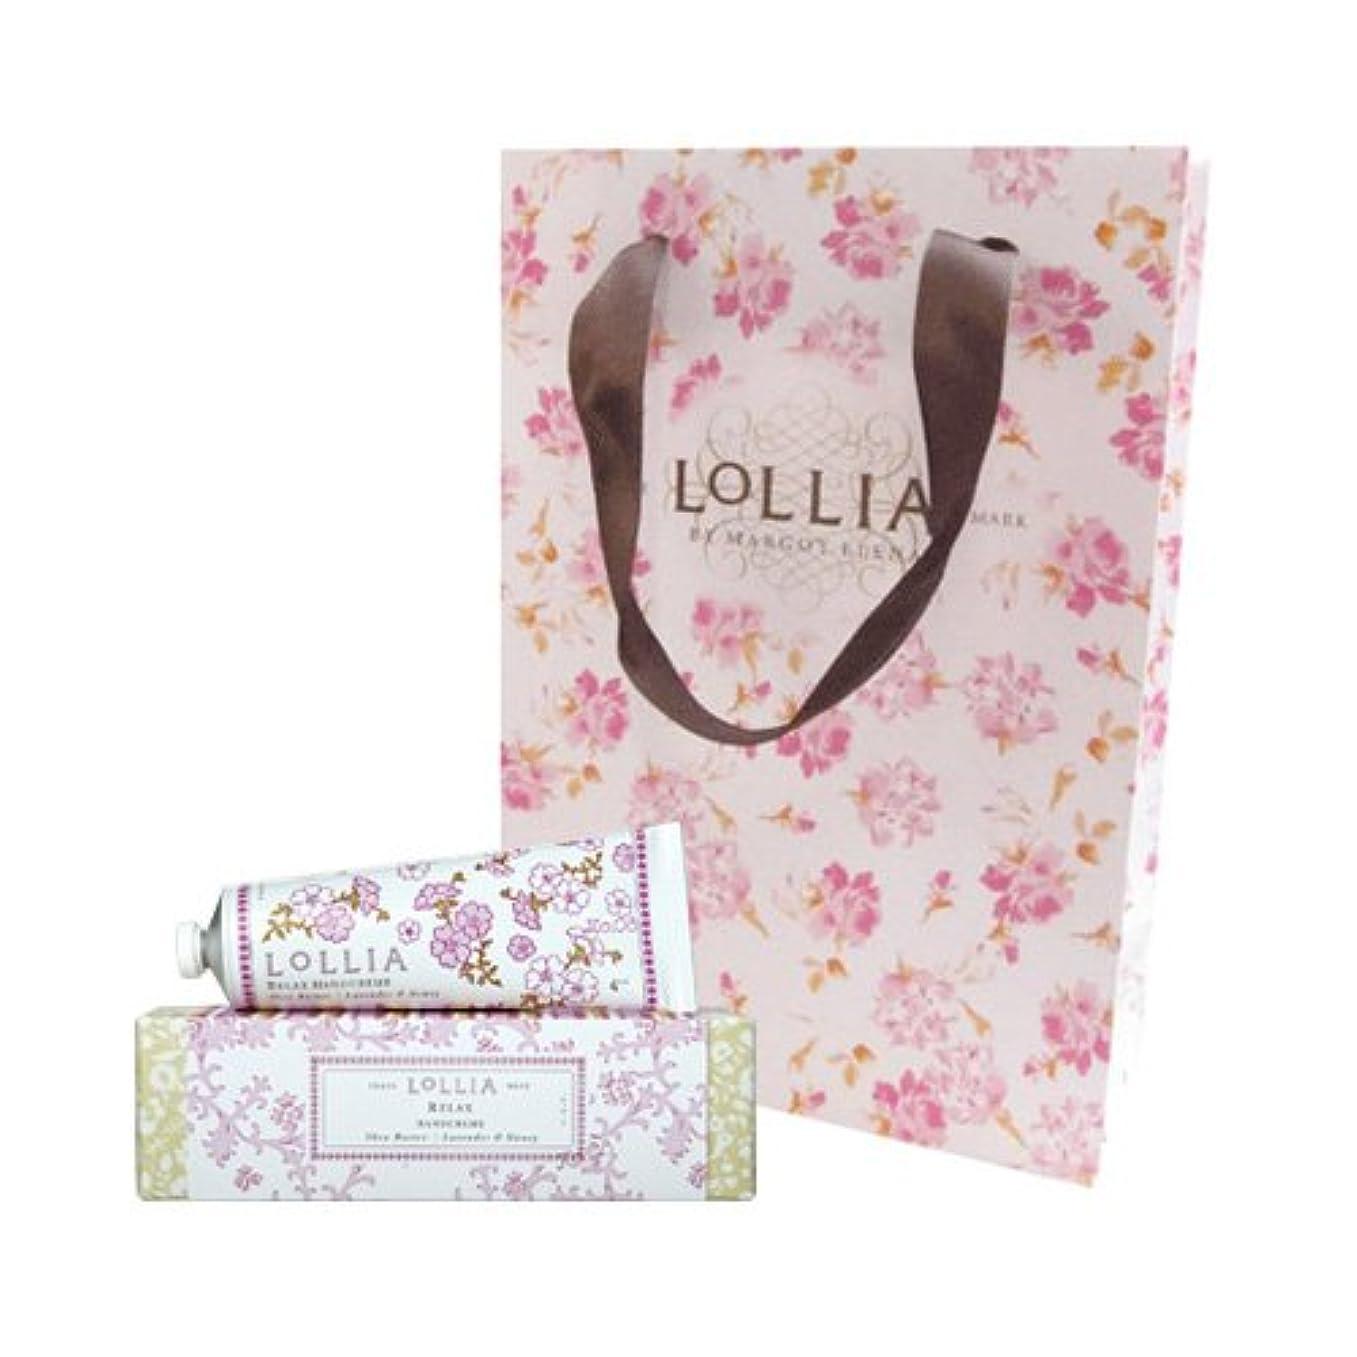 コードロッジ継続中ロリア(LoLLIA) ハンドクリーム Relax 35g (蘭、ラベンダー、バニラとハニーの甘い香り) ショッパー付